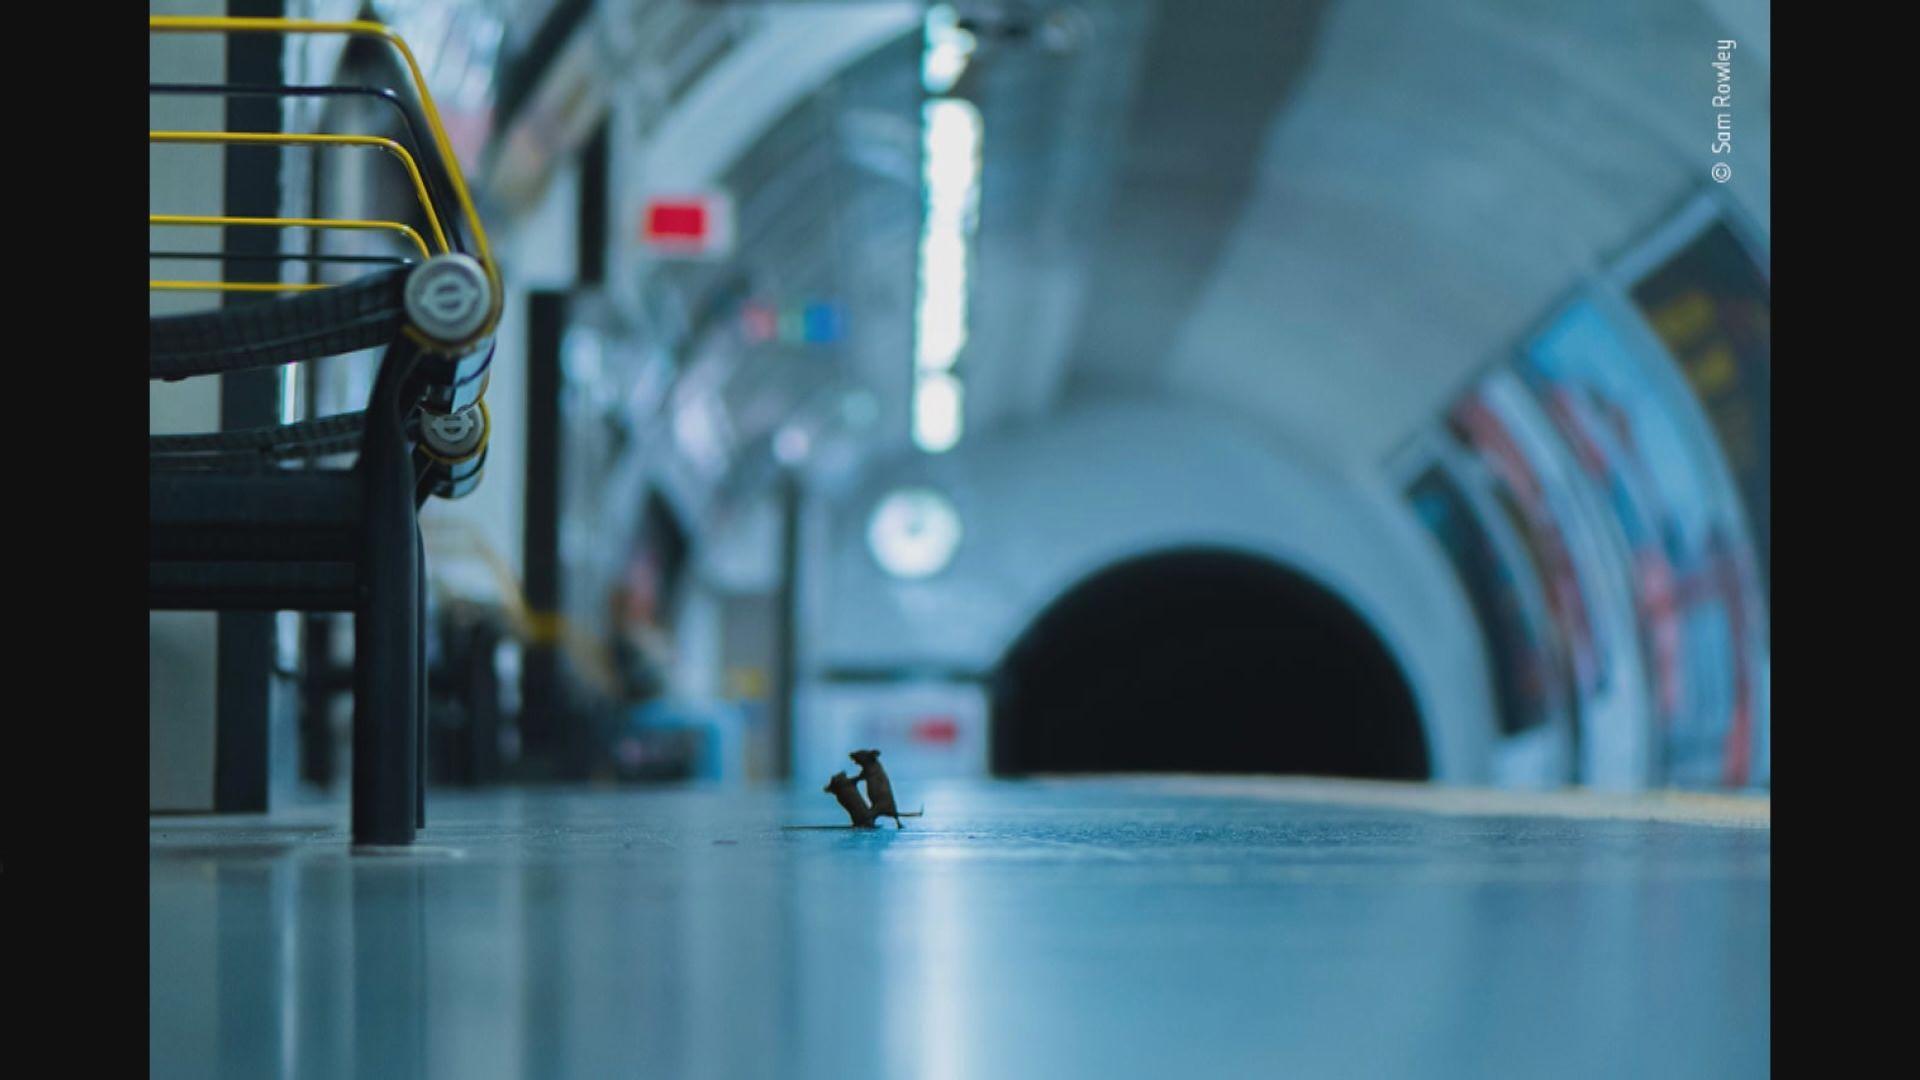 【環球薈報】倫敦地鐵老鼠打架照片贏攝影大獎